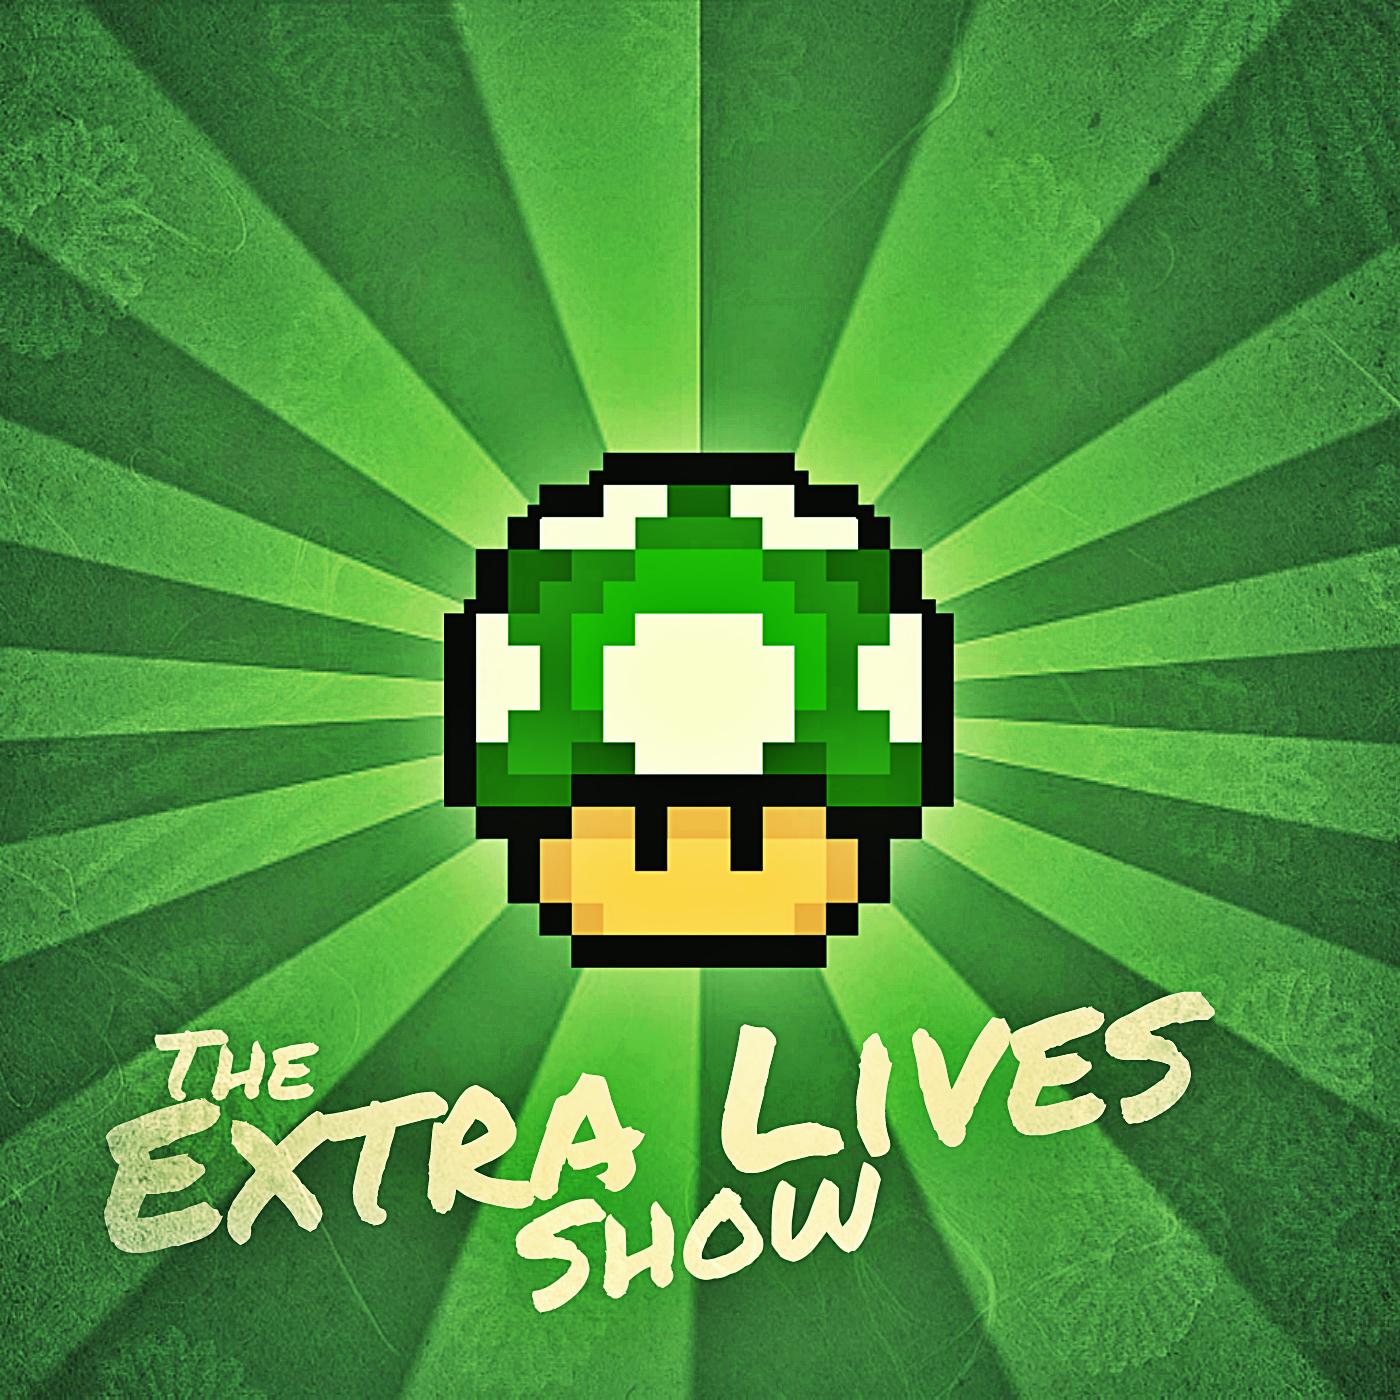 Extra Lives Show